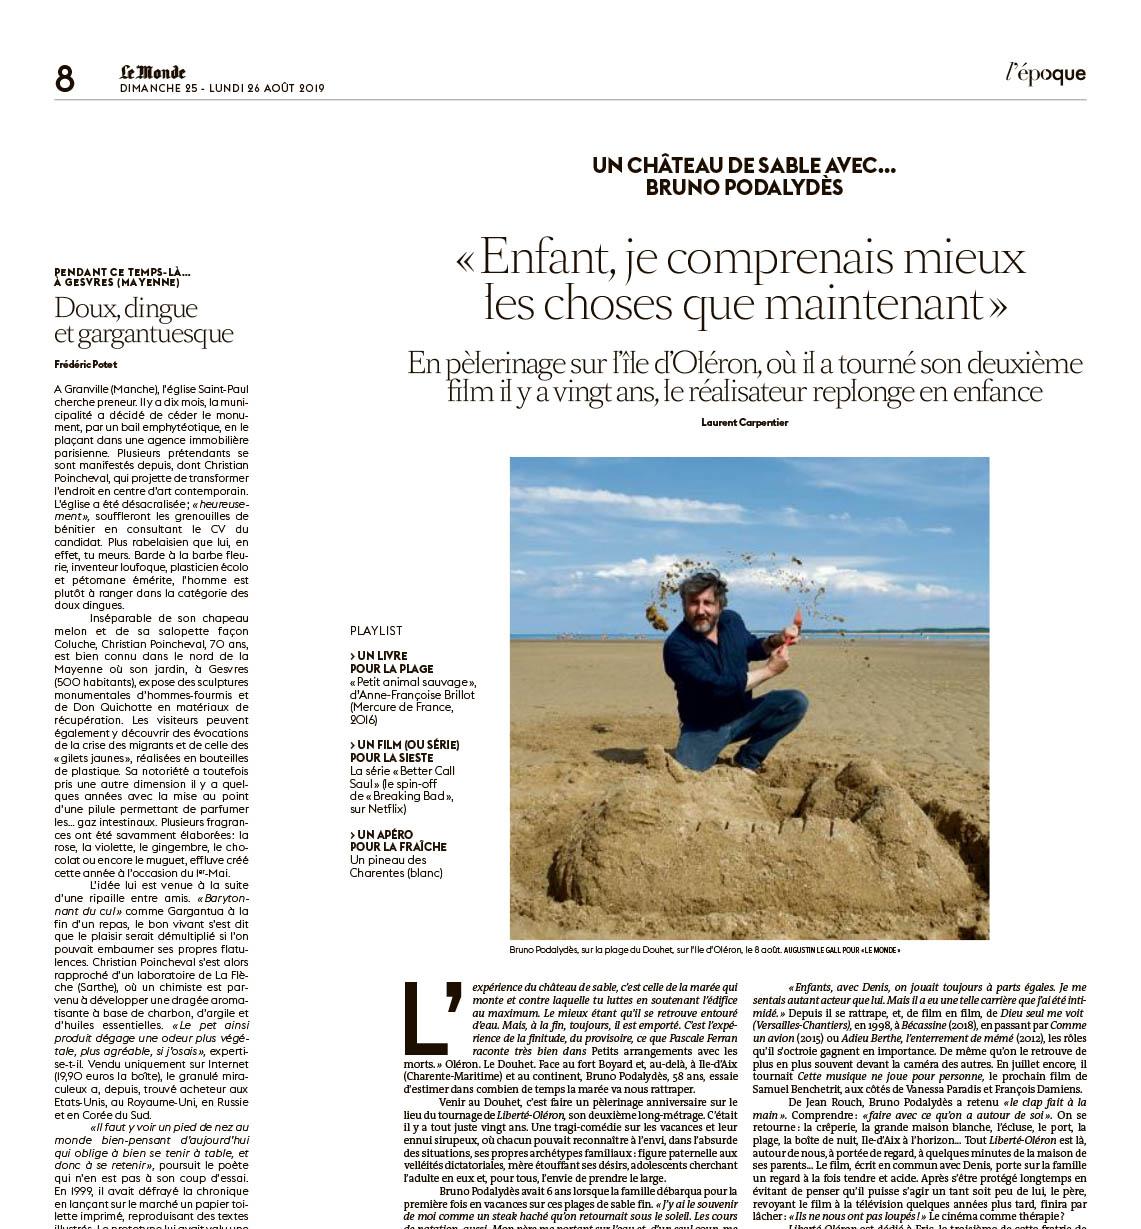 Bruno Podalydès, réalisateur, pour Le Monde. Août 2019